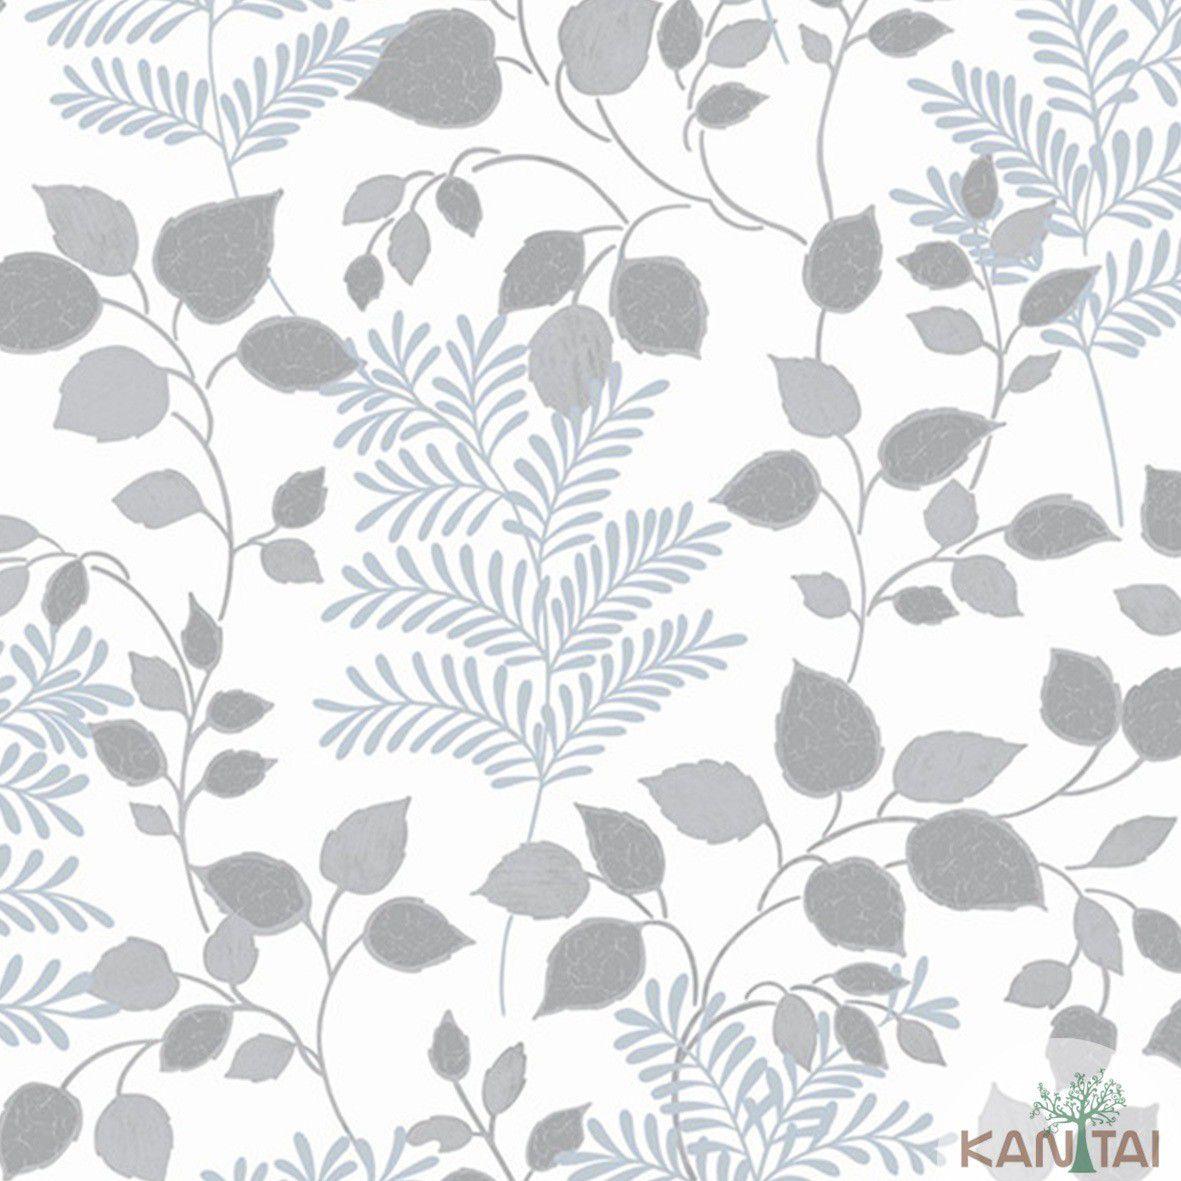 Papel de Parede   Kan Tai Vinilico Coleção Style Folhagem Marfim,Prata, Cinza